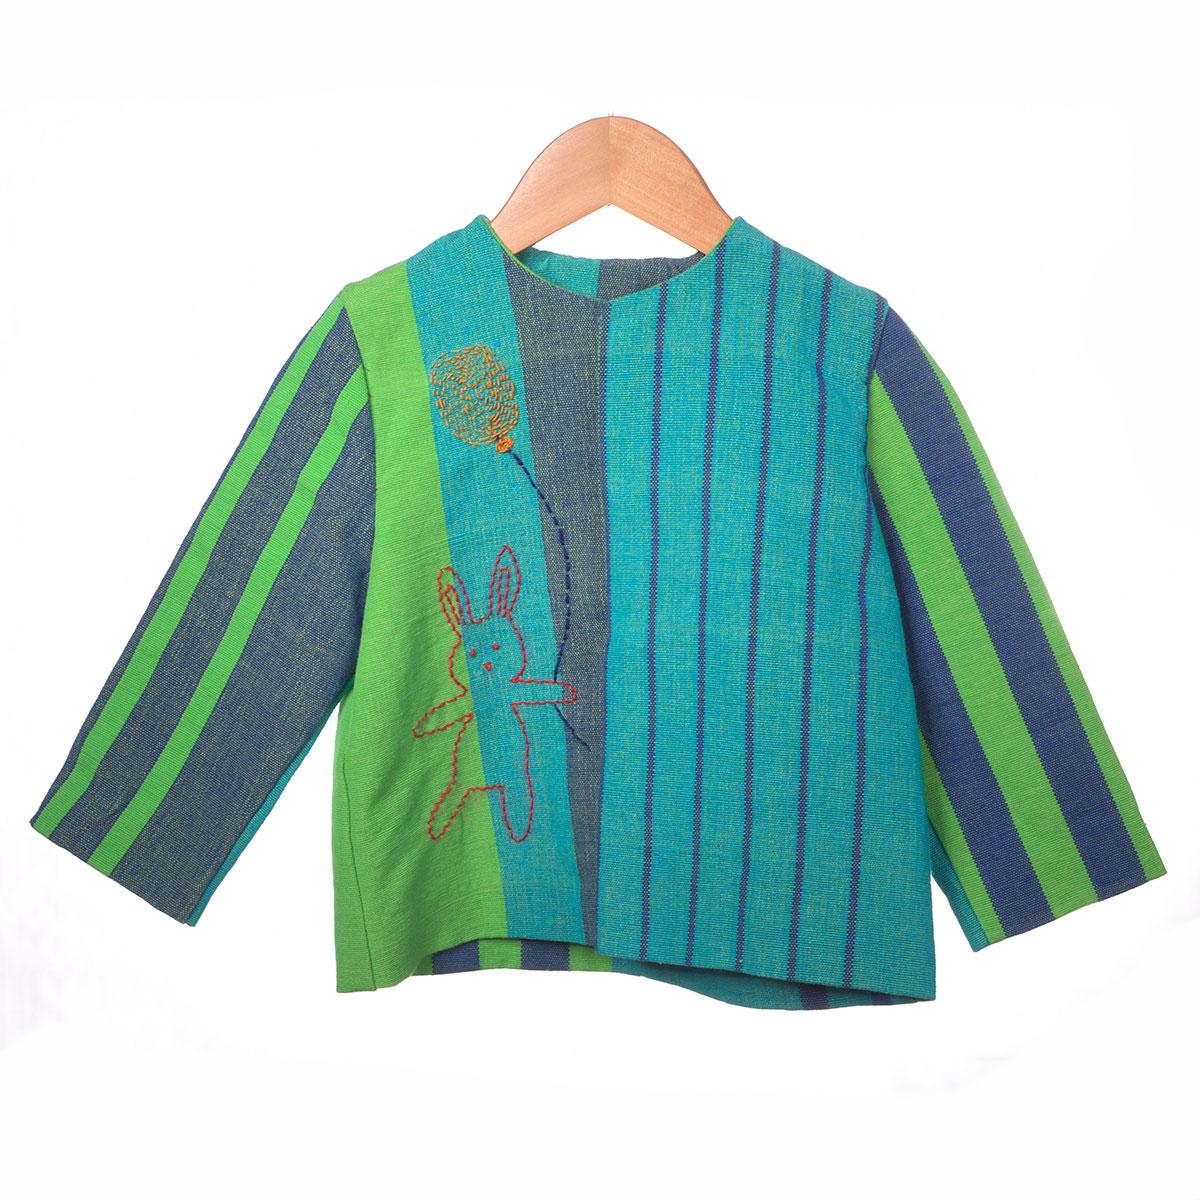 groen gestreept jasje